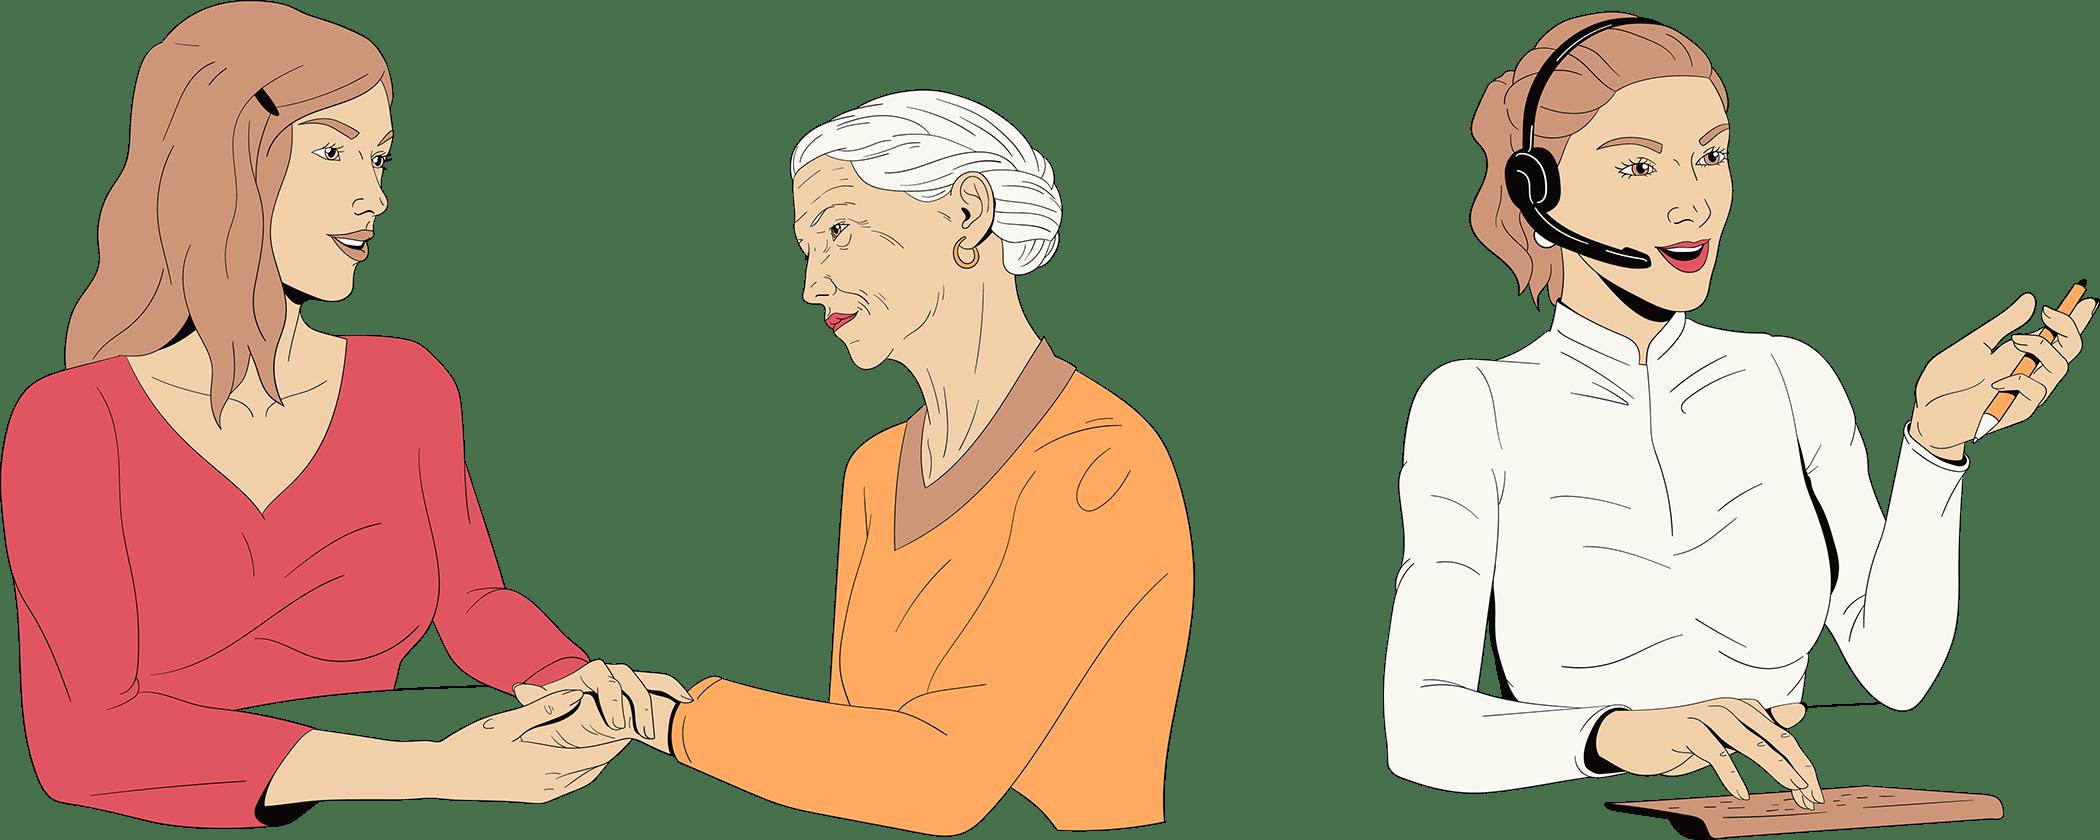 """Een vrouw investeert in haarzelf. Haalt contacten met familie aan of focust zich op haar werk."""" width=""""2100"""" height=""""840"""" srcset=""""https://seduction-positive.fr/wp-content/uploads/2021/04/1619003204_310_Comment-est-ce-que-je-le-recupere-17-etapes-pour-recuperer.png 2100w, https://mannengeheim.nl/wp-content/uploads/2020/05/Investeer-in-jezelf-300x120.png 300w, https://mannengeheim.nl/wp-content/uploads/2020/05/Investeer-in-jezelf-1024x410.png 1024w, https://mannengeheim.nl/wp-content/uploads/2020/05/Investeer-in-jezelf-150x60.png 150w, https://mannengeheim.nl/wp-content/uploads/2020/05/Investeer-in-jezelf-1536x614.png 1536w, https://mannengeheim.nl/wp-content/uploads/2020/05/Investeer-in-jezelf-2048x819.png 2048w, https://mannengeheim.nl/wp-content/uploads/2020/05/Investeer-in-jezelf-65x26.png 65w, https://mannengeheim.nl/wp-content/uploads/2020/05/Investeer-in-jezelf-220x88.png 220w, https://mannengeheim.nl/wp-content/uploads/2020/05/Investeer-in-jezelf-250x100.png 250w, https://mannengeheim.nl/wp-content/uploads/2020/05/Investeer-in-jezelf-358x143.png 358w, https://mannengeheim.nl/wp-content/uploads/2020/05/Investeer-in-jezelf-729x292.png 729w, https://mannengeheim.nl/wp-content/uploads/2020/05/Investeer-in-jezelf-872x349.png 872w, https://mannengeheim.nl/wp-content/uploads/2020/05/Investeer-in-jezelf-1020x408.png 1020w"""" sizes=""""(max-width: 2100px) 100vw, 2100px"""